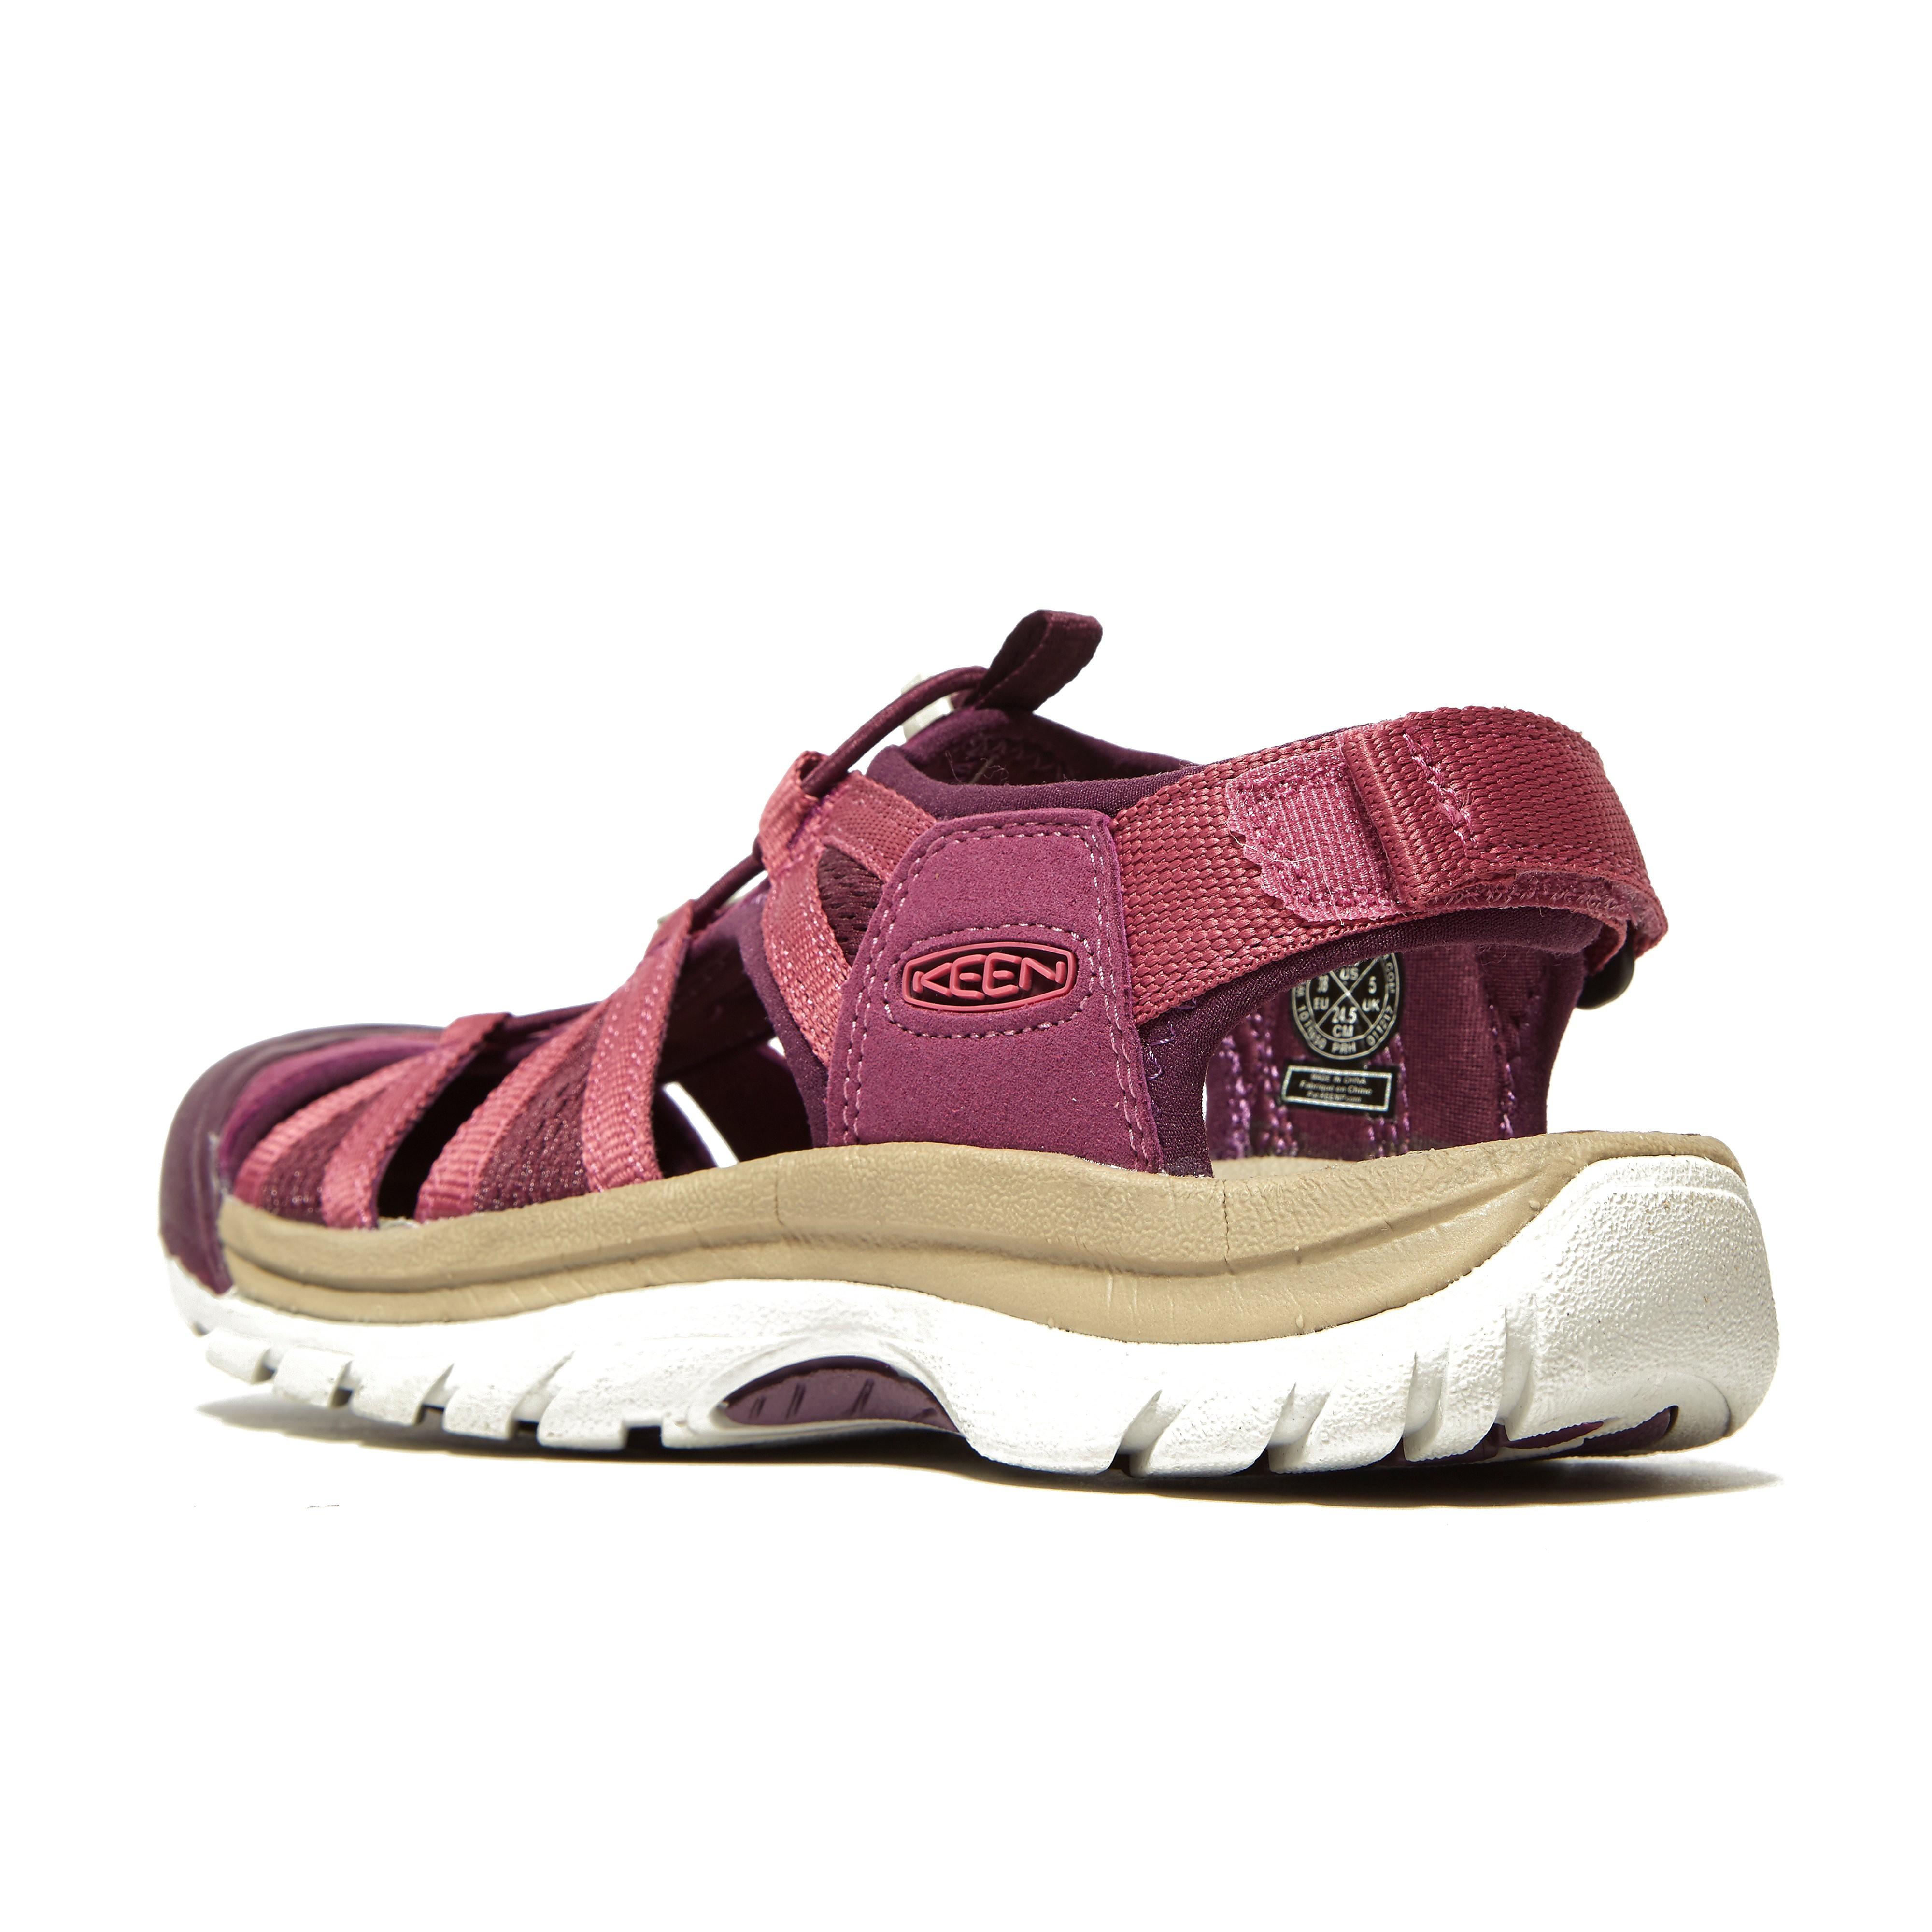 Keen Venice H2 Women's Walking Sandal